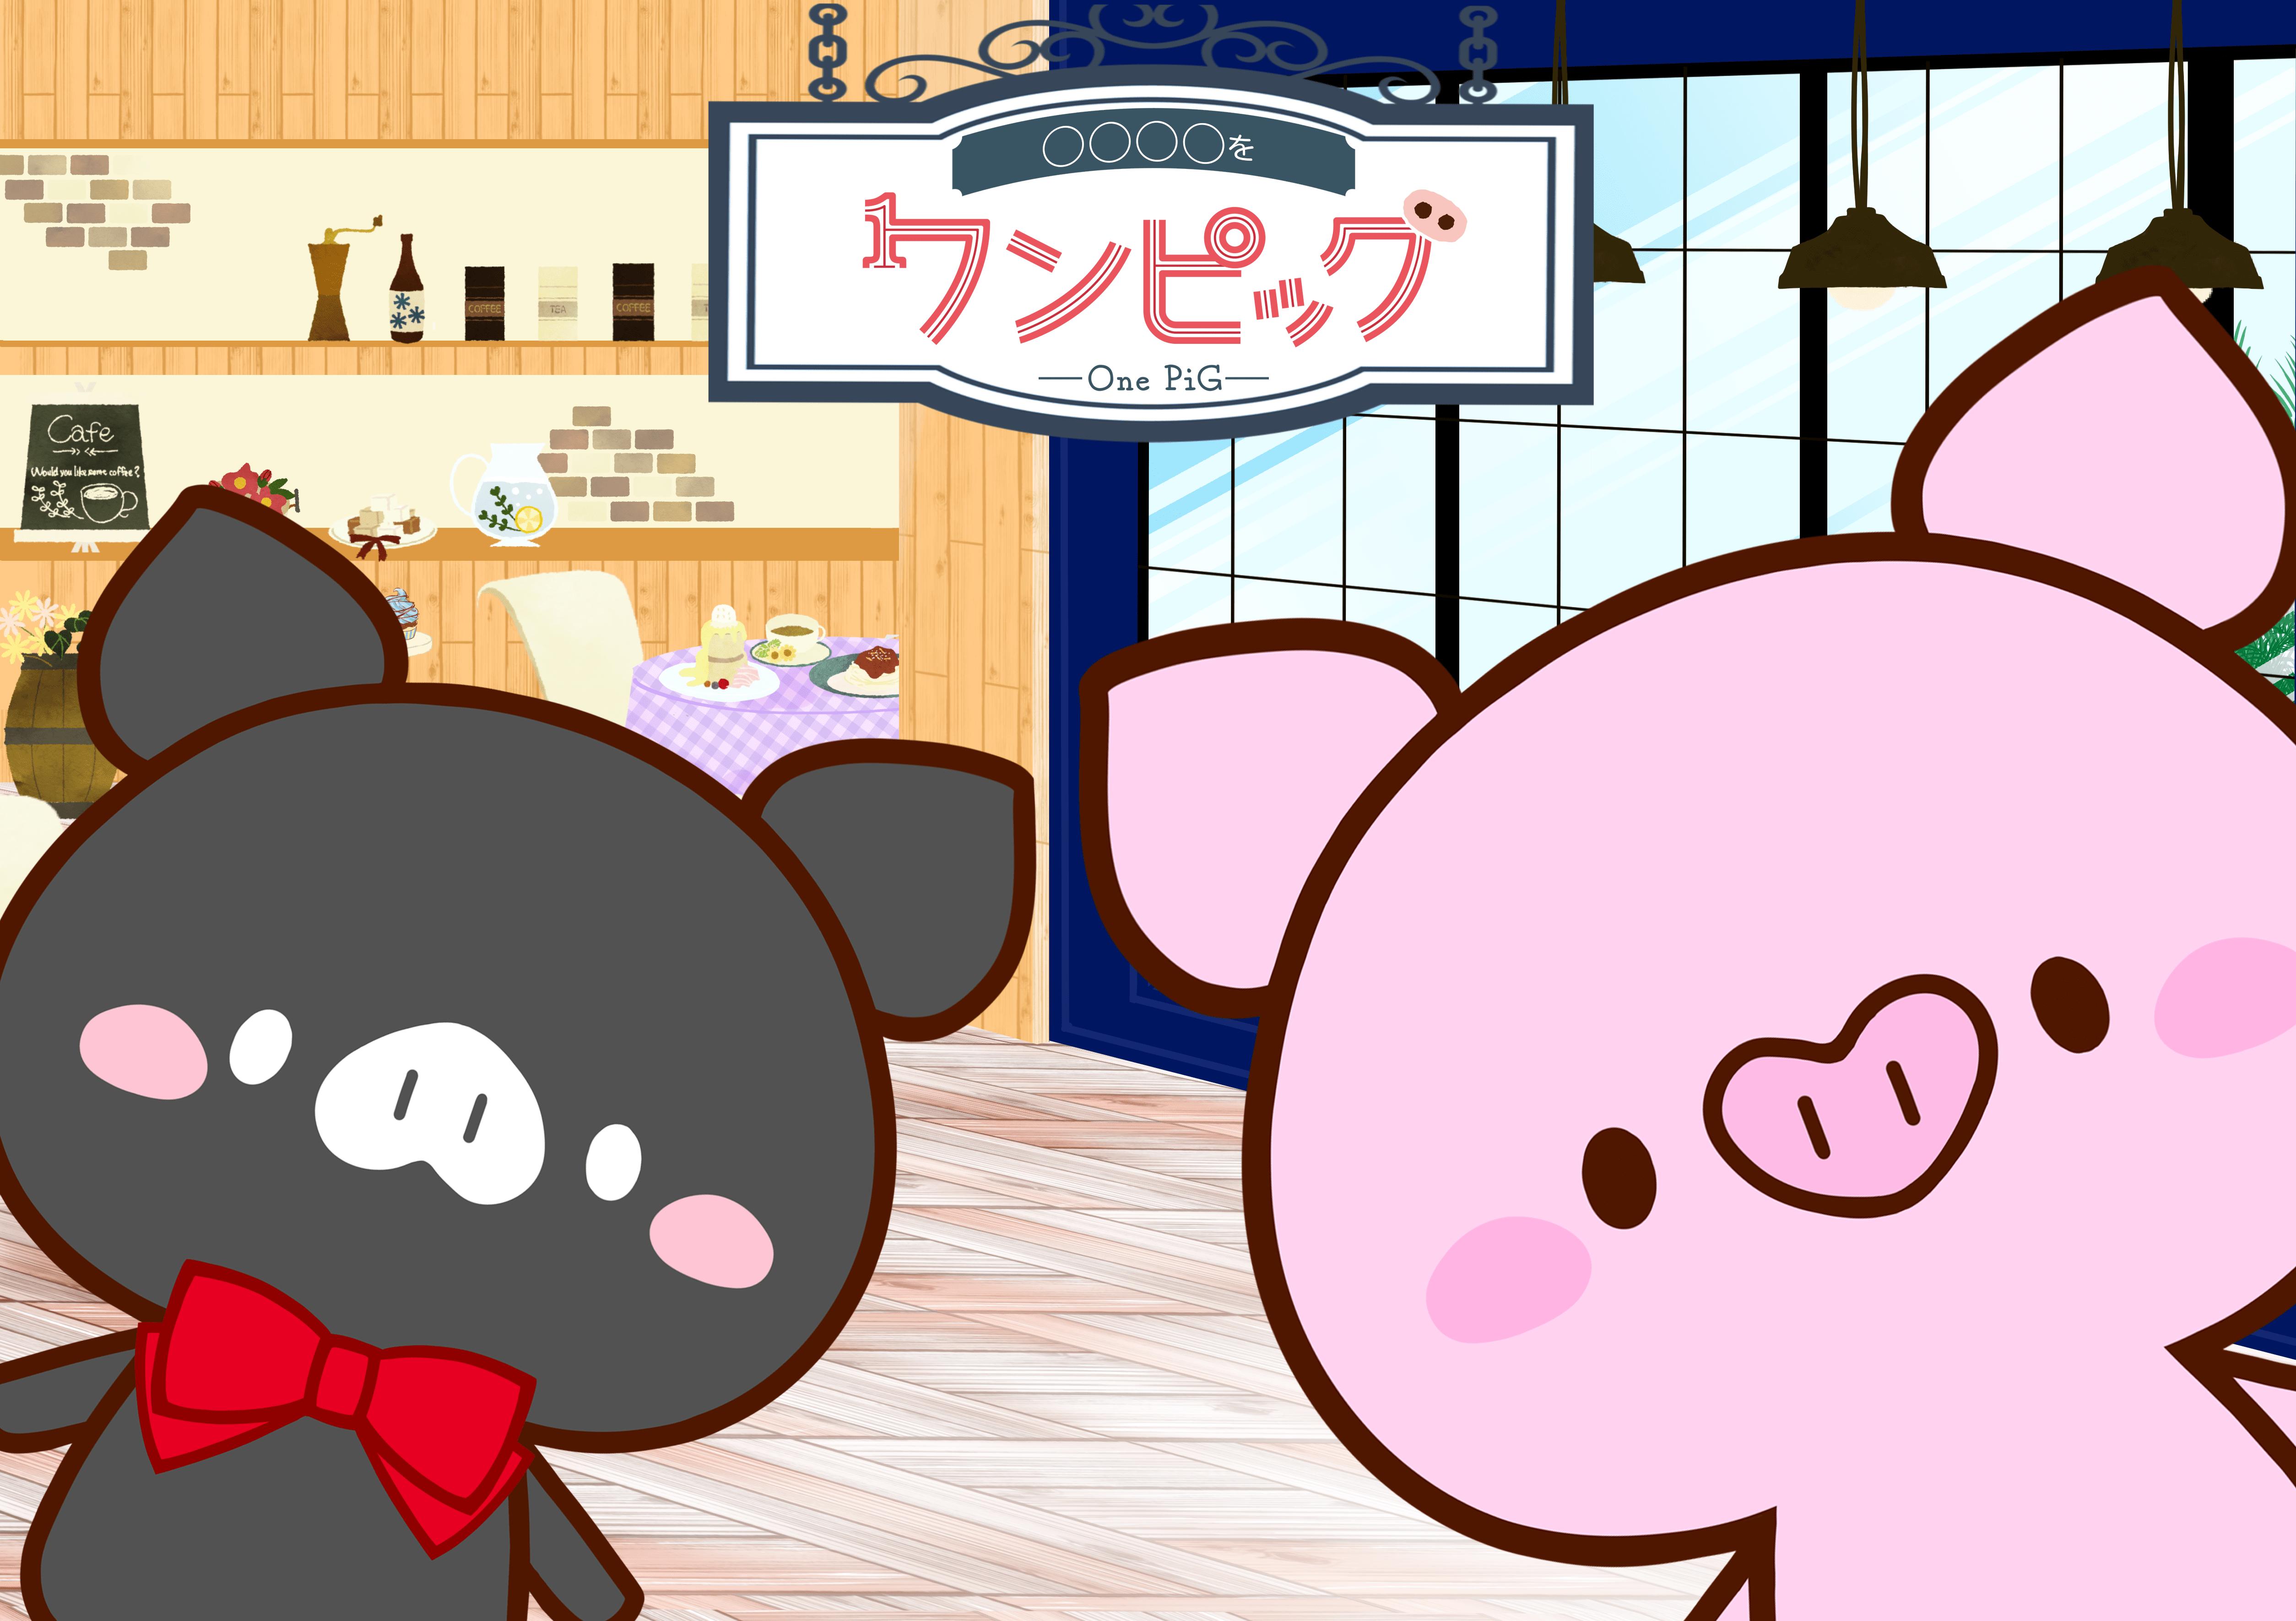 村田太志をワンピッグ(夜の部)